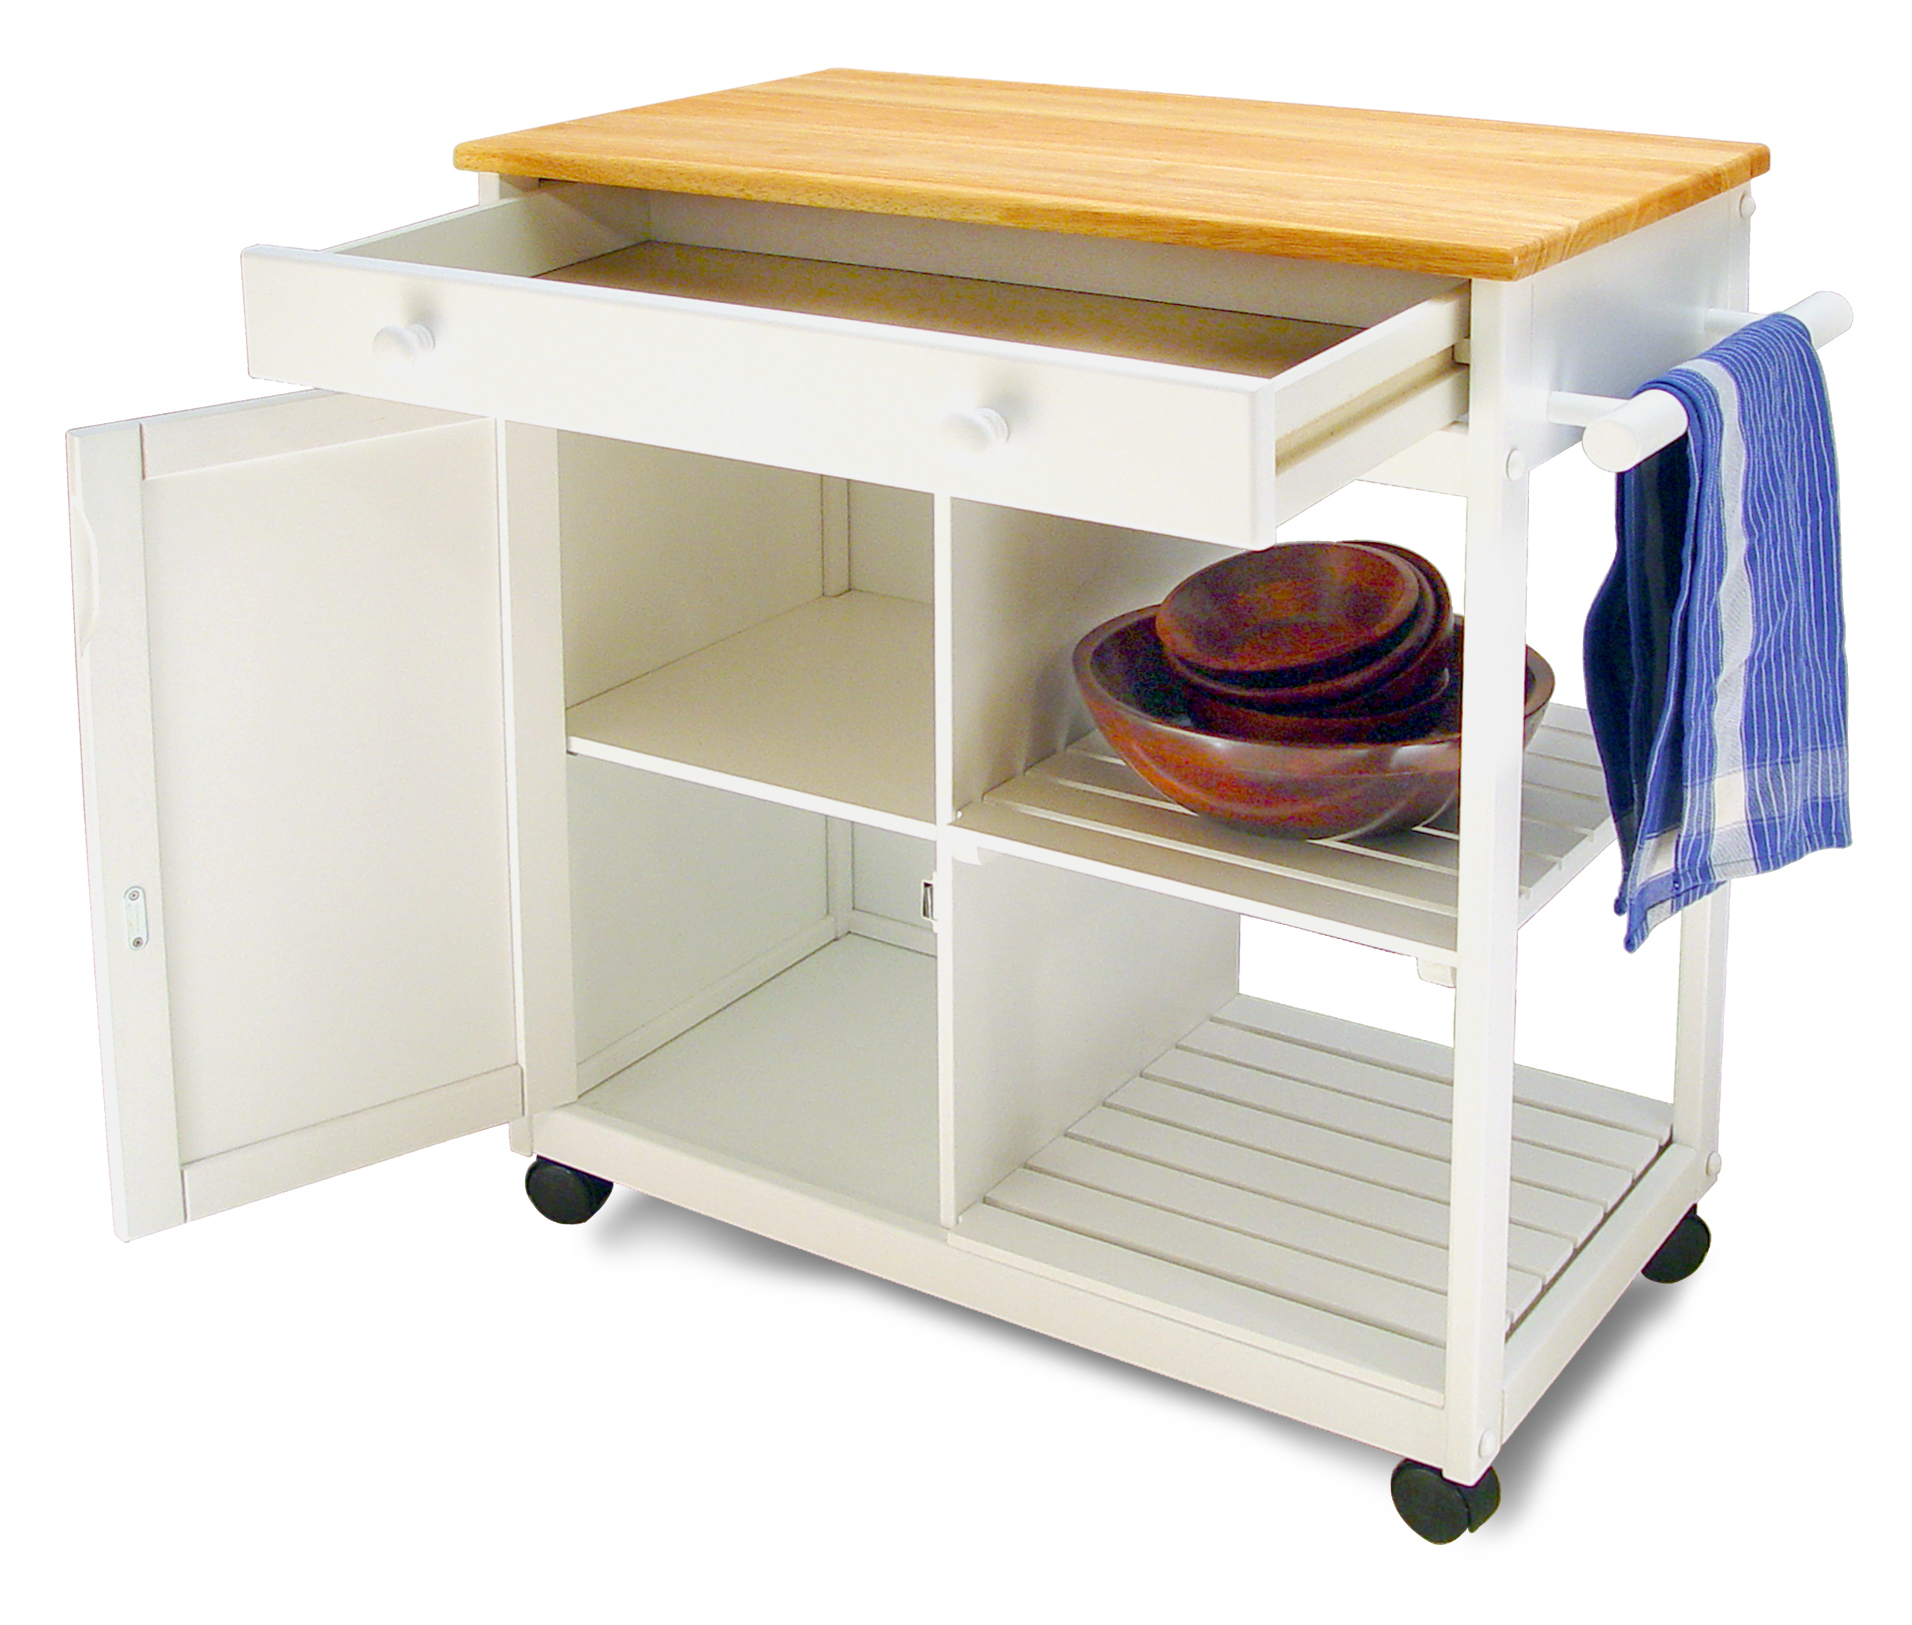 Catskill Preston Hollow White Kitchen Cart - Cabinet & Shelves, 32